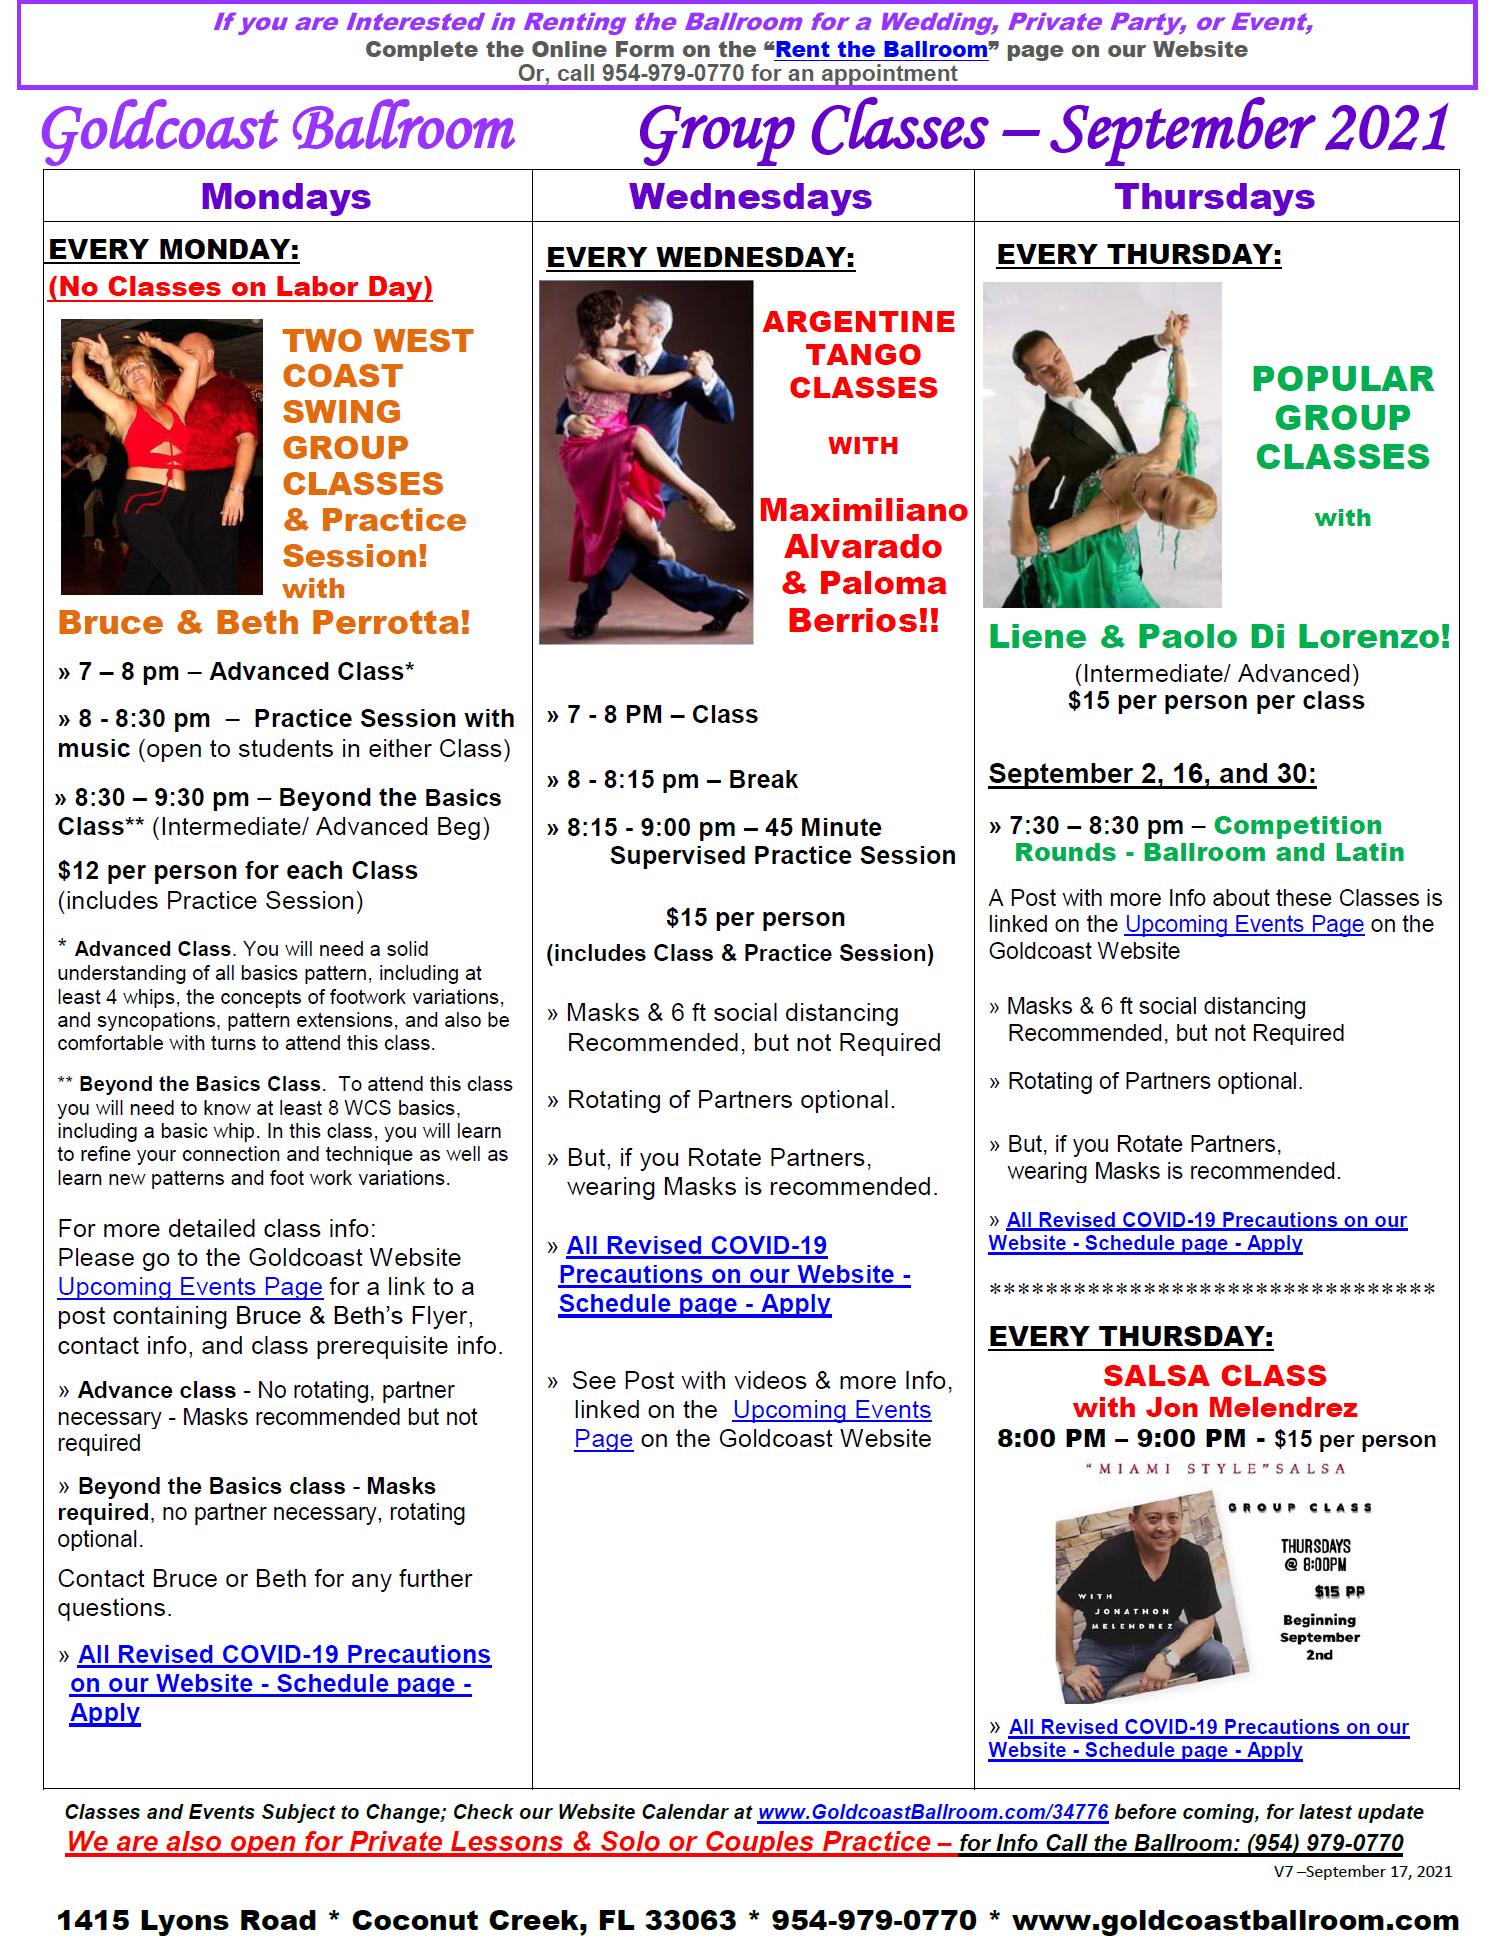 September, 2021 Calendar - Group Class Schedule